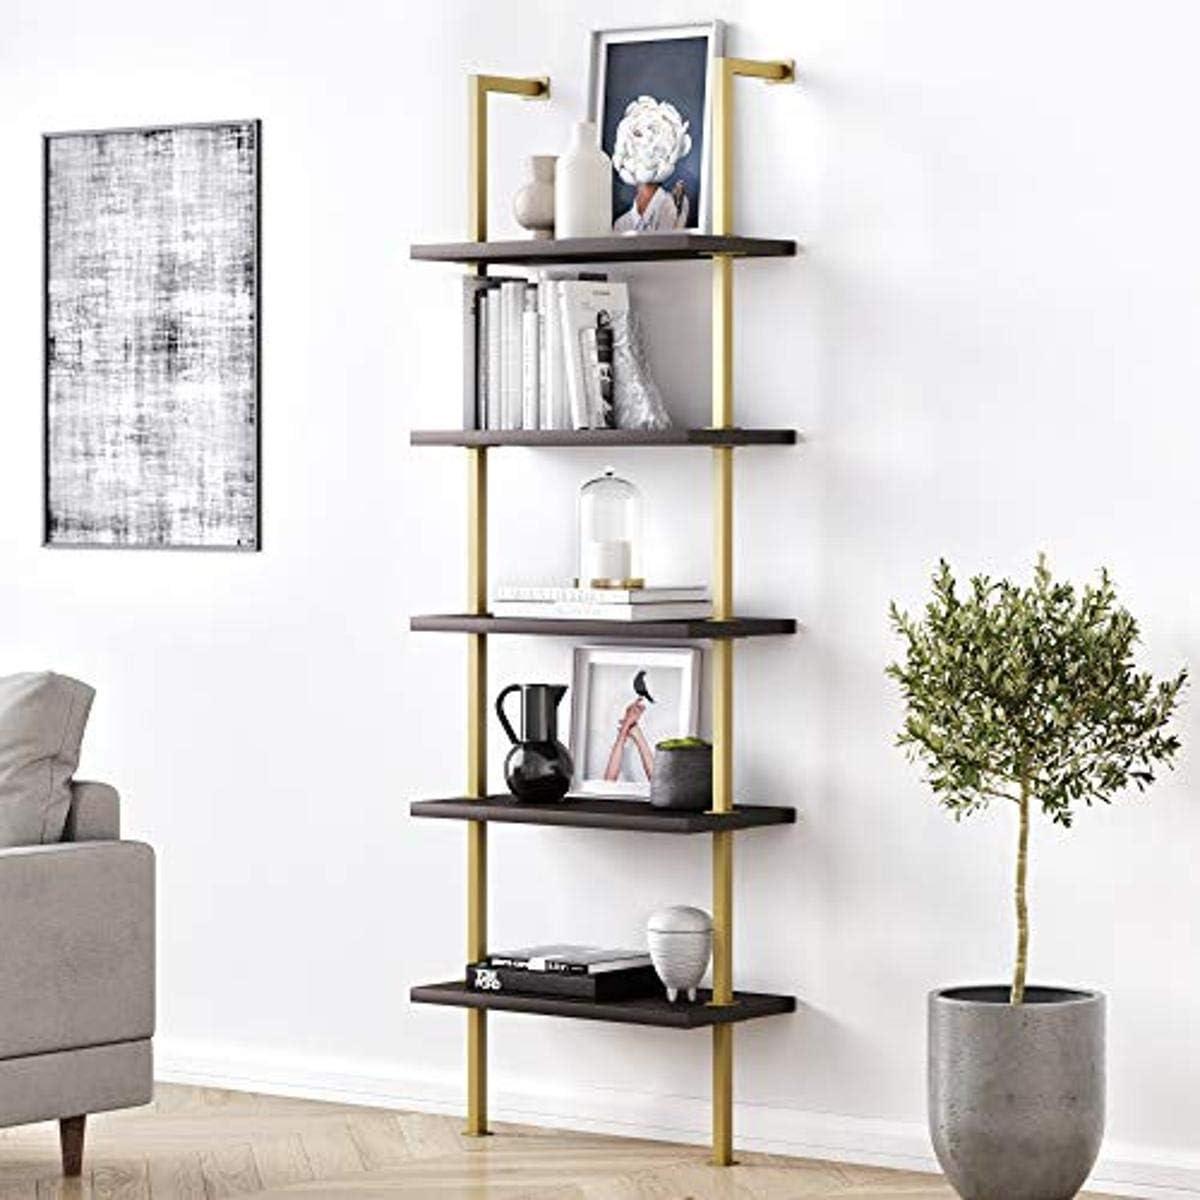 与え Nathan James Theo 出色 5-Shelf Modern Mount Open Wall Bookcase Ladde